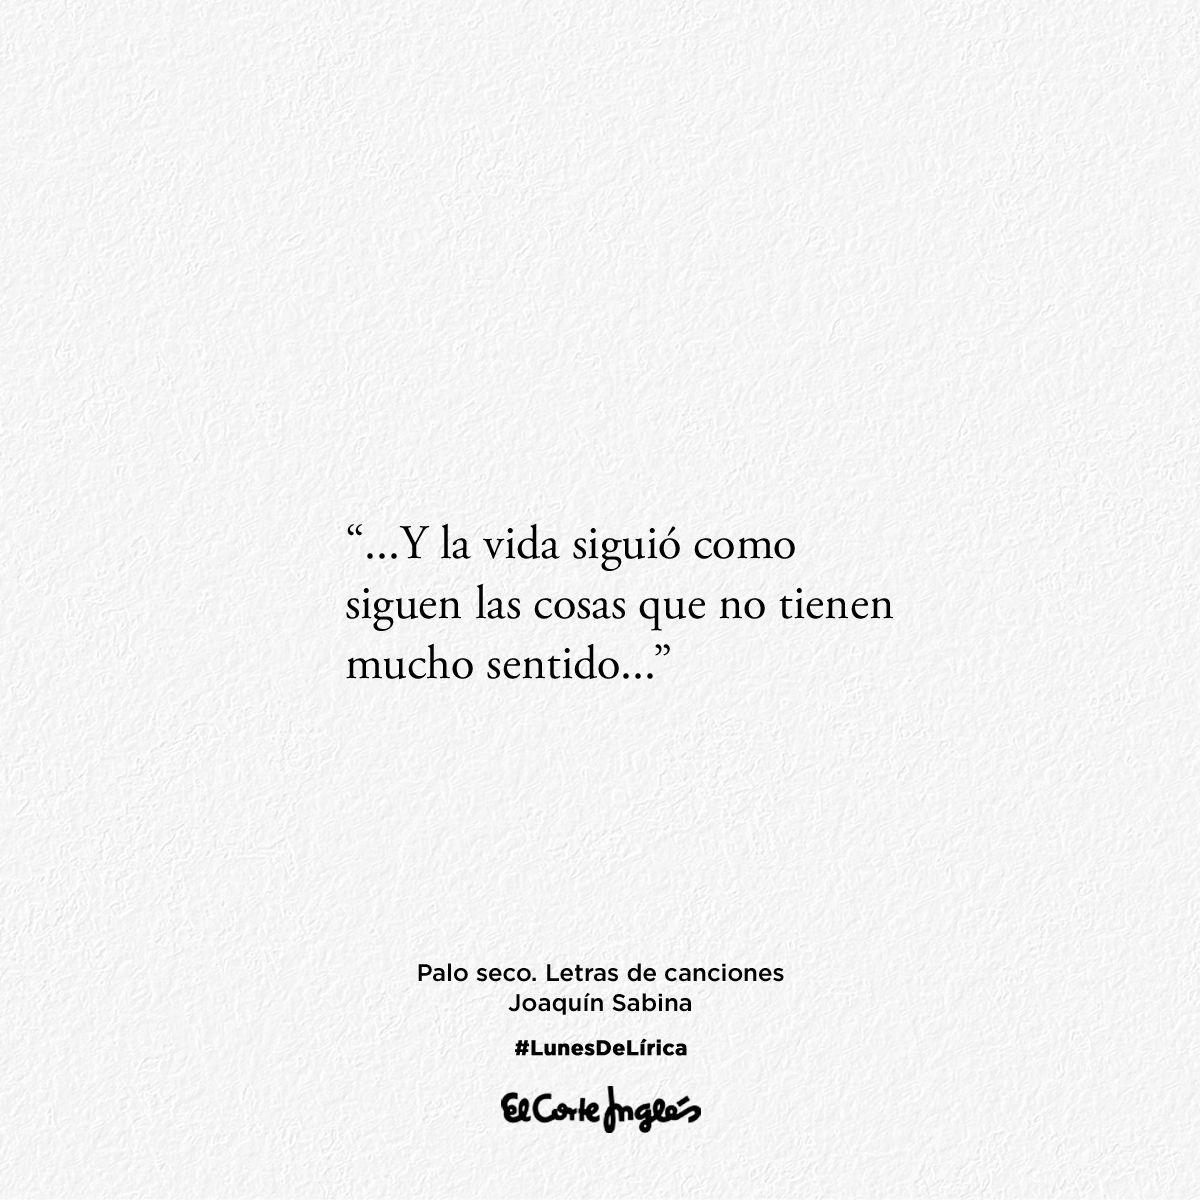 Palo Seco Letras De Canciones Joaquín Sabina Letras De Canciones Letras Canciones